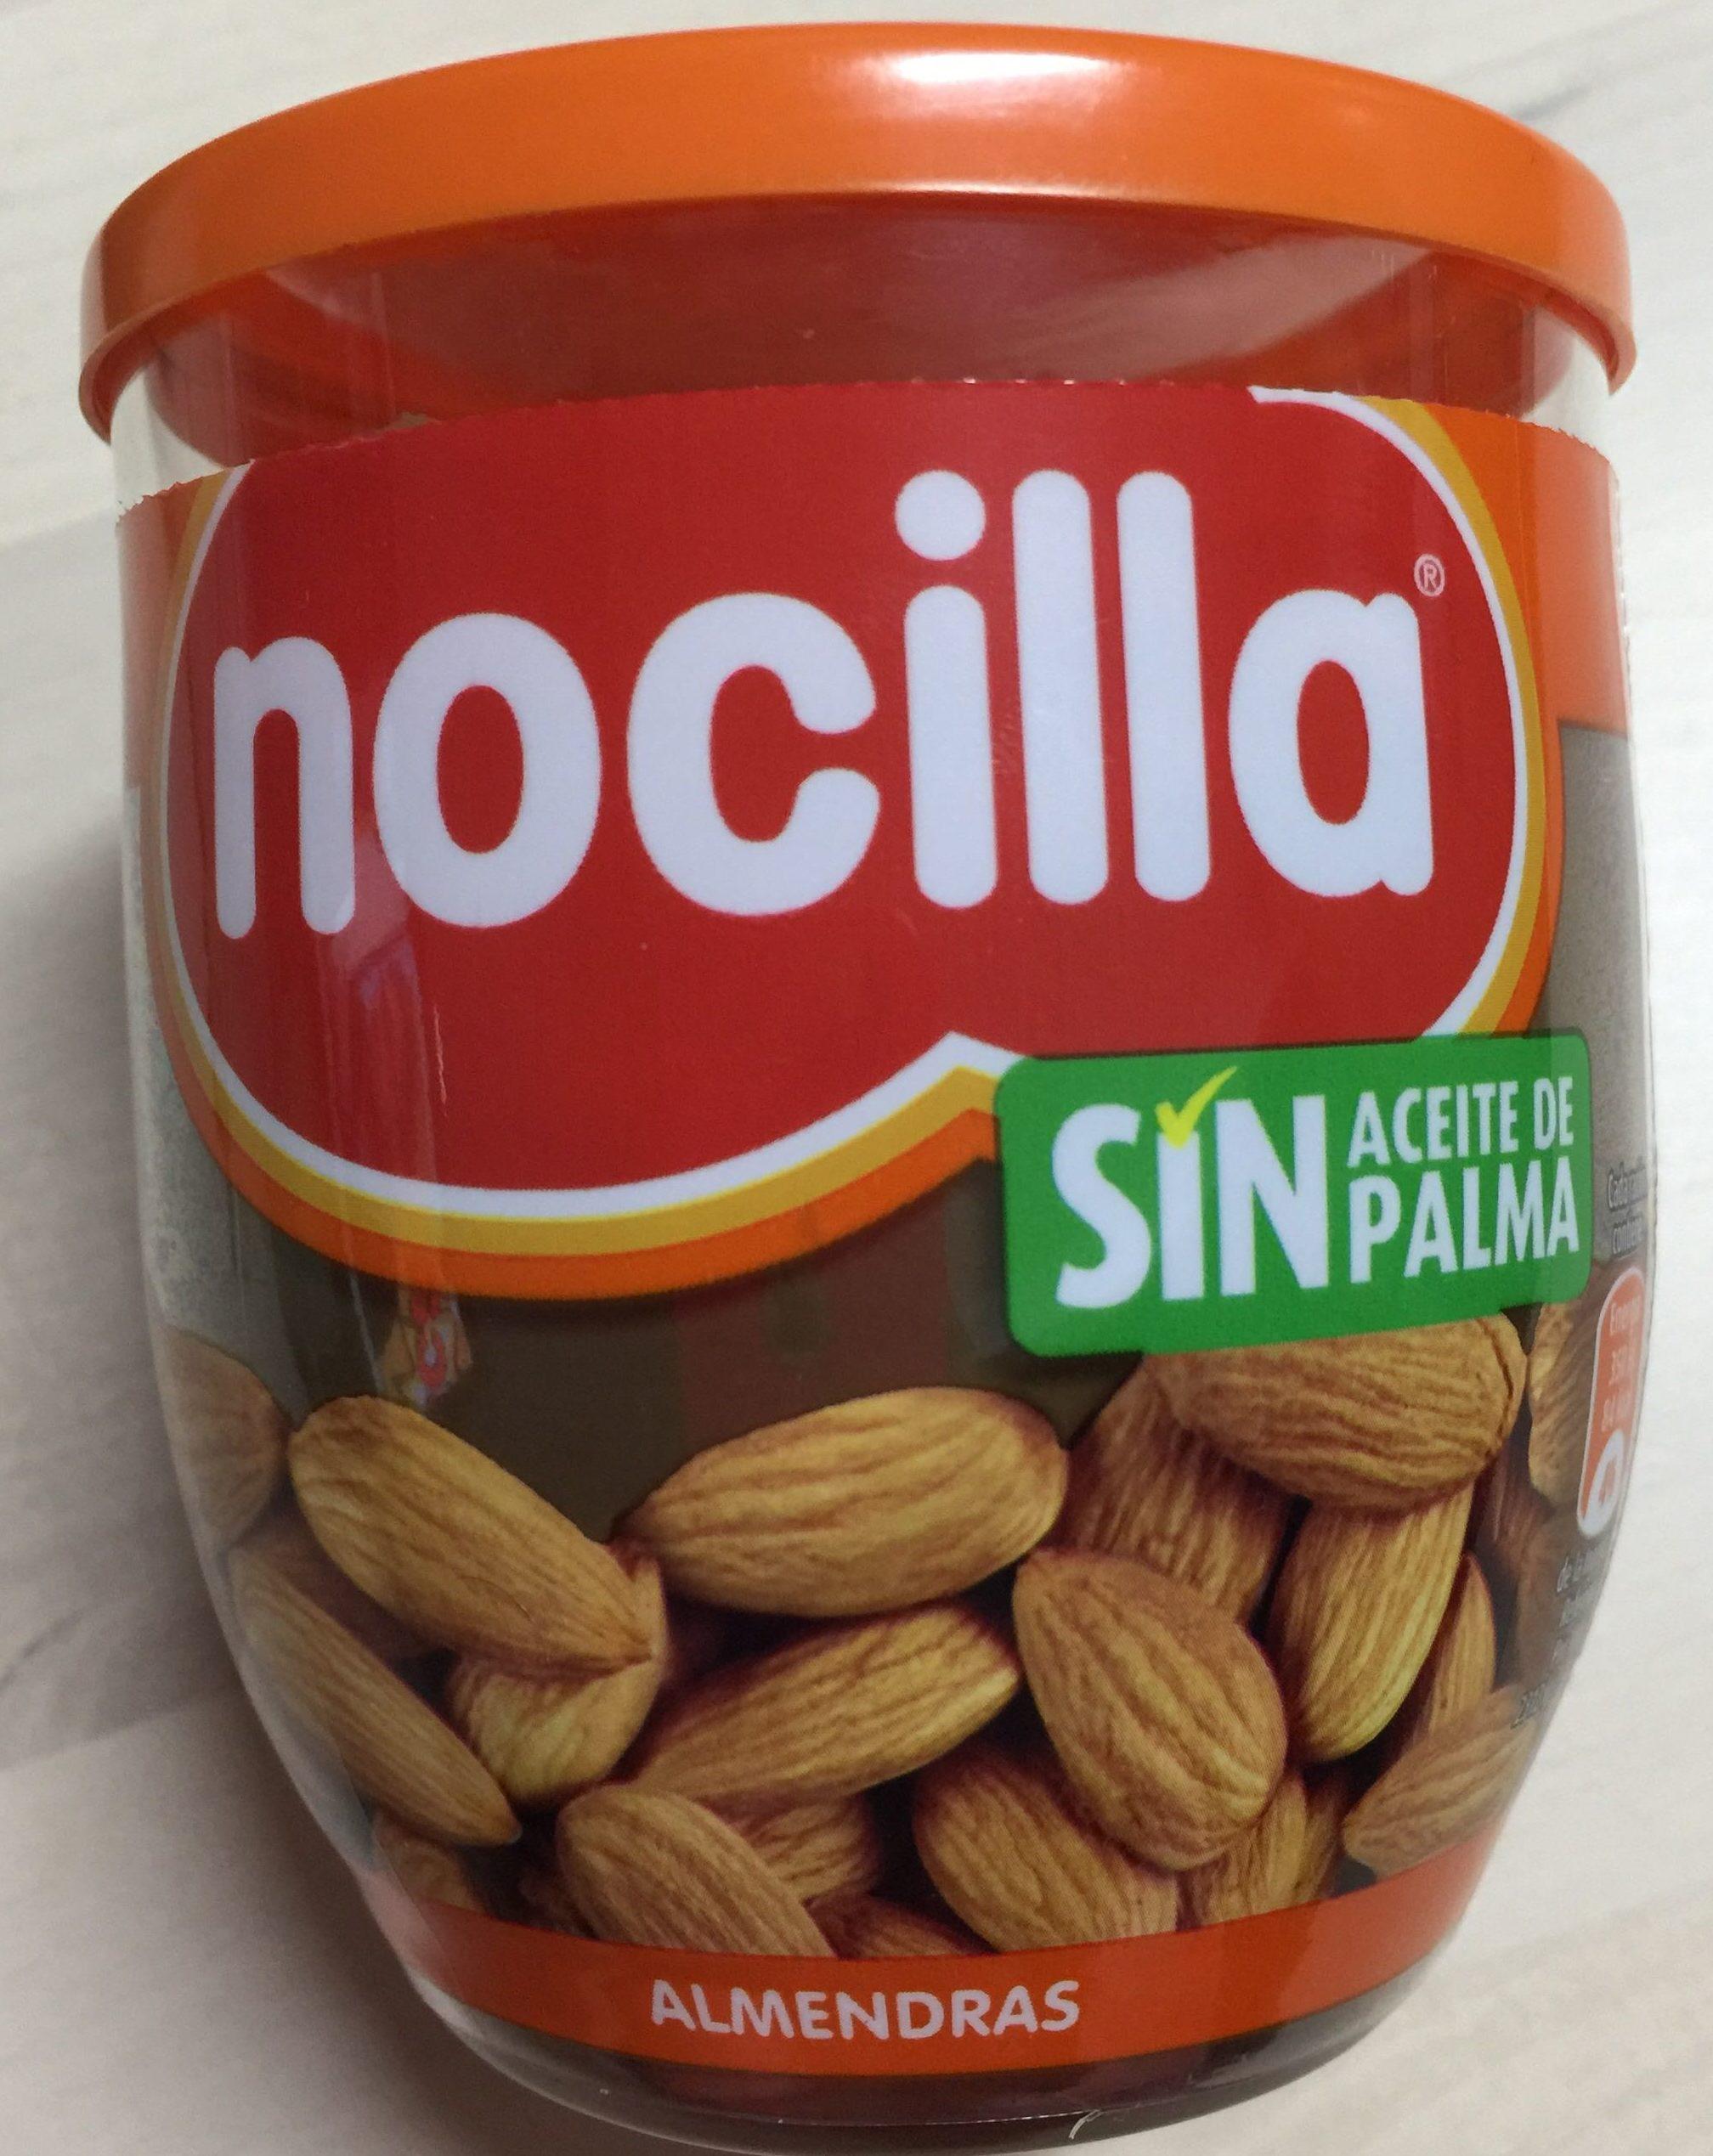 Nocilla Almandras - Product - es